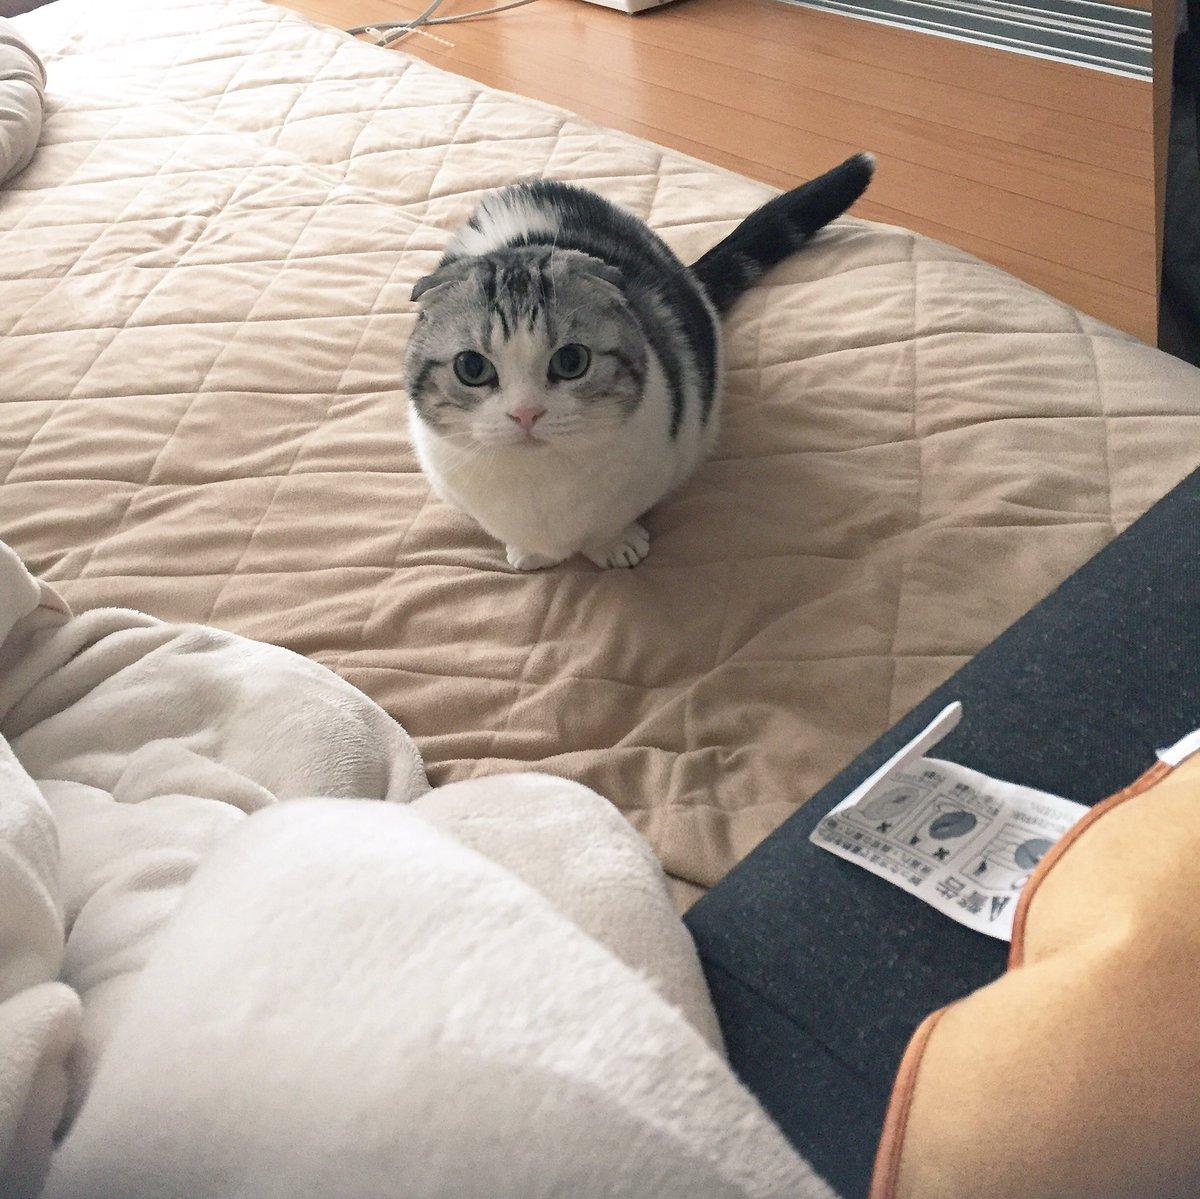 ソファに座ったままでいると「こんなに近くにいるのに捕まえられないんですか?」って挑発しに来る pic.twitter.com/n8cvFrqZpH